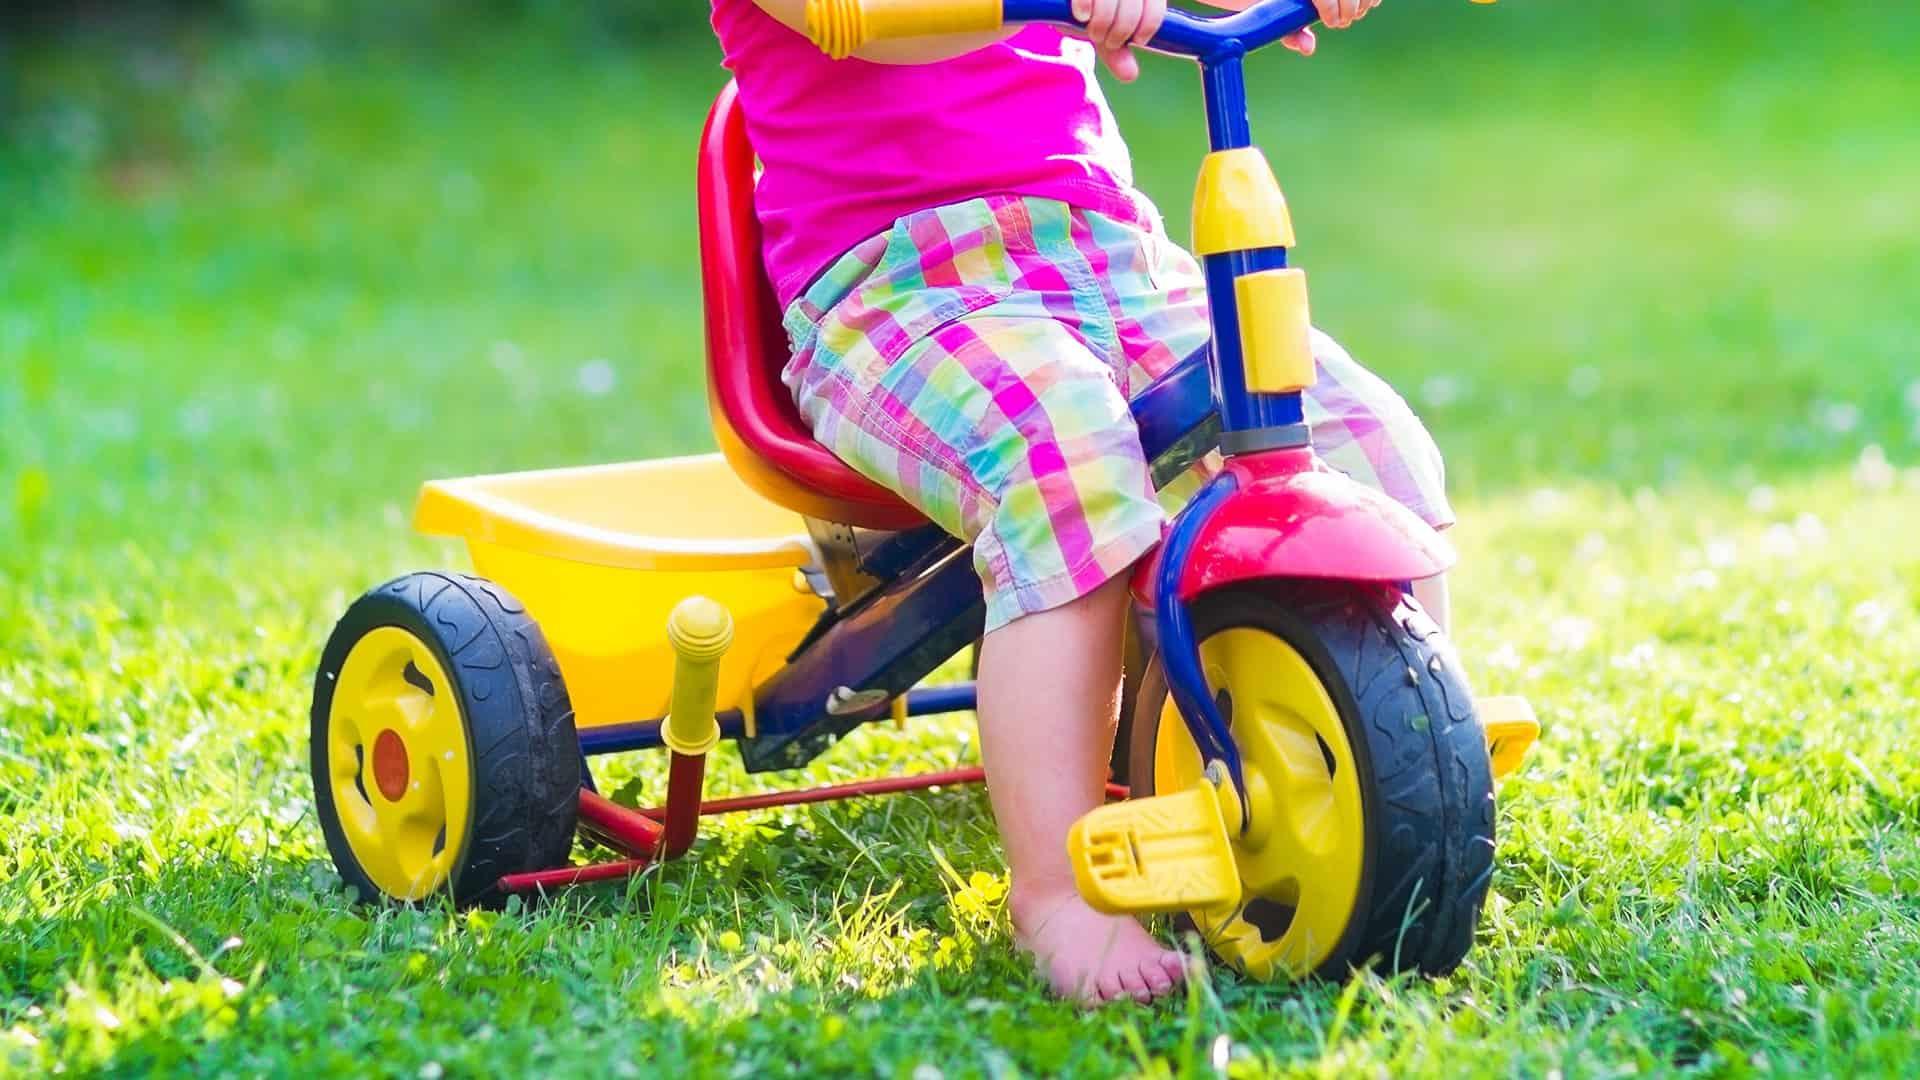 Triciclo infantil: Qual é o melhor de 2020?